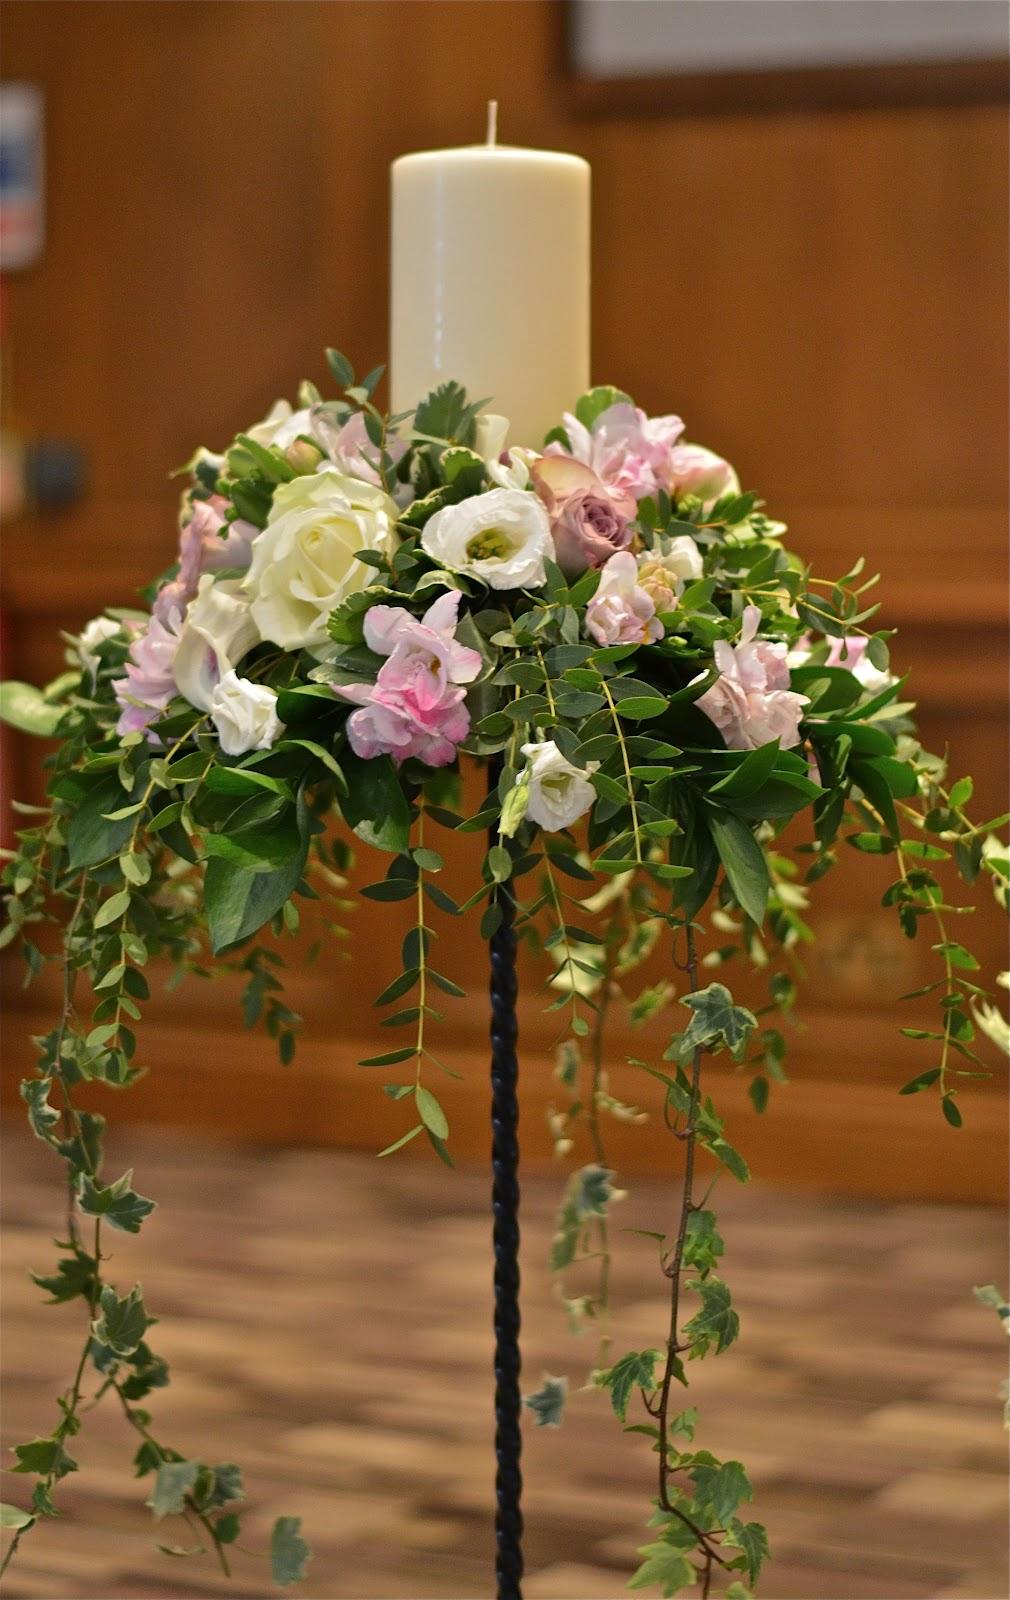 wedding flowers blog may 2012. Black Bedroom Furniture Sets. Home Design Ideas